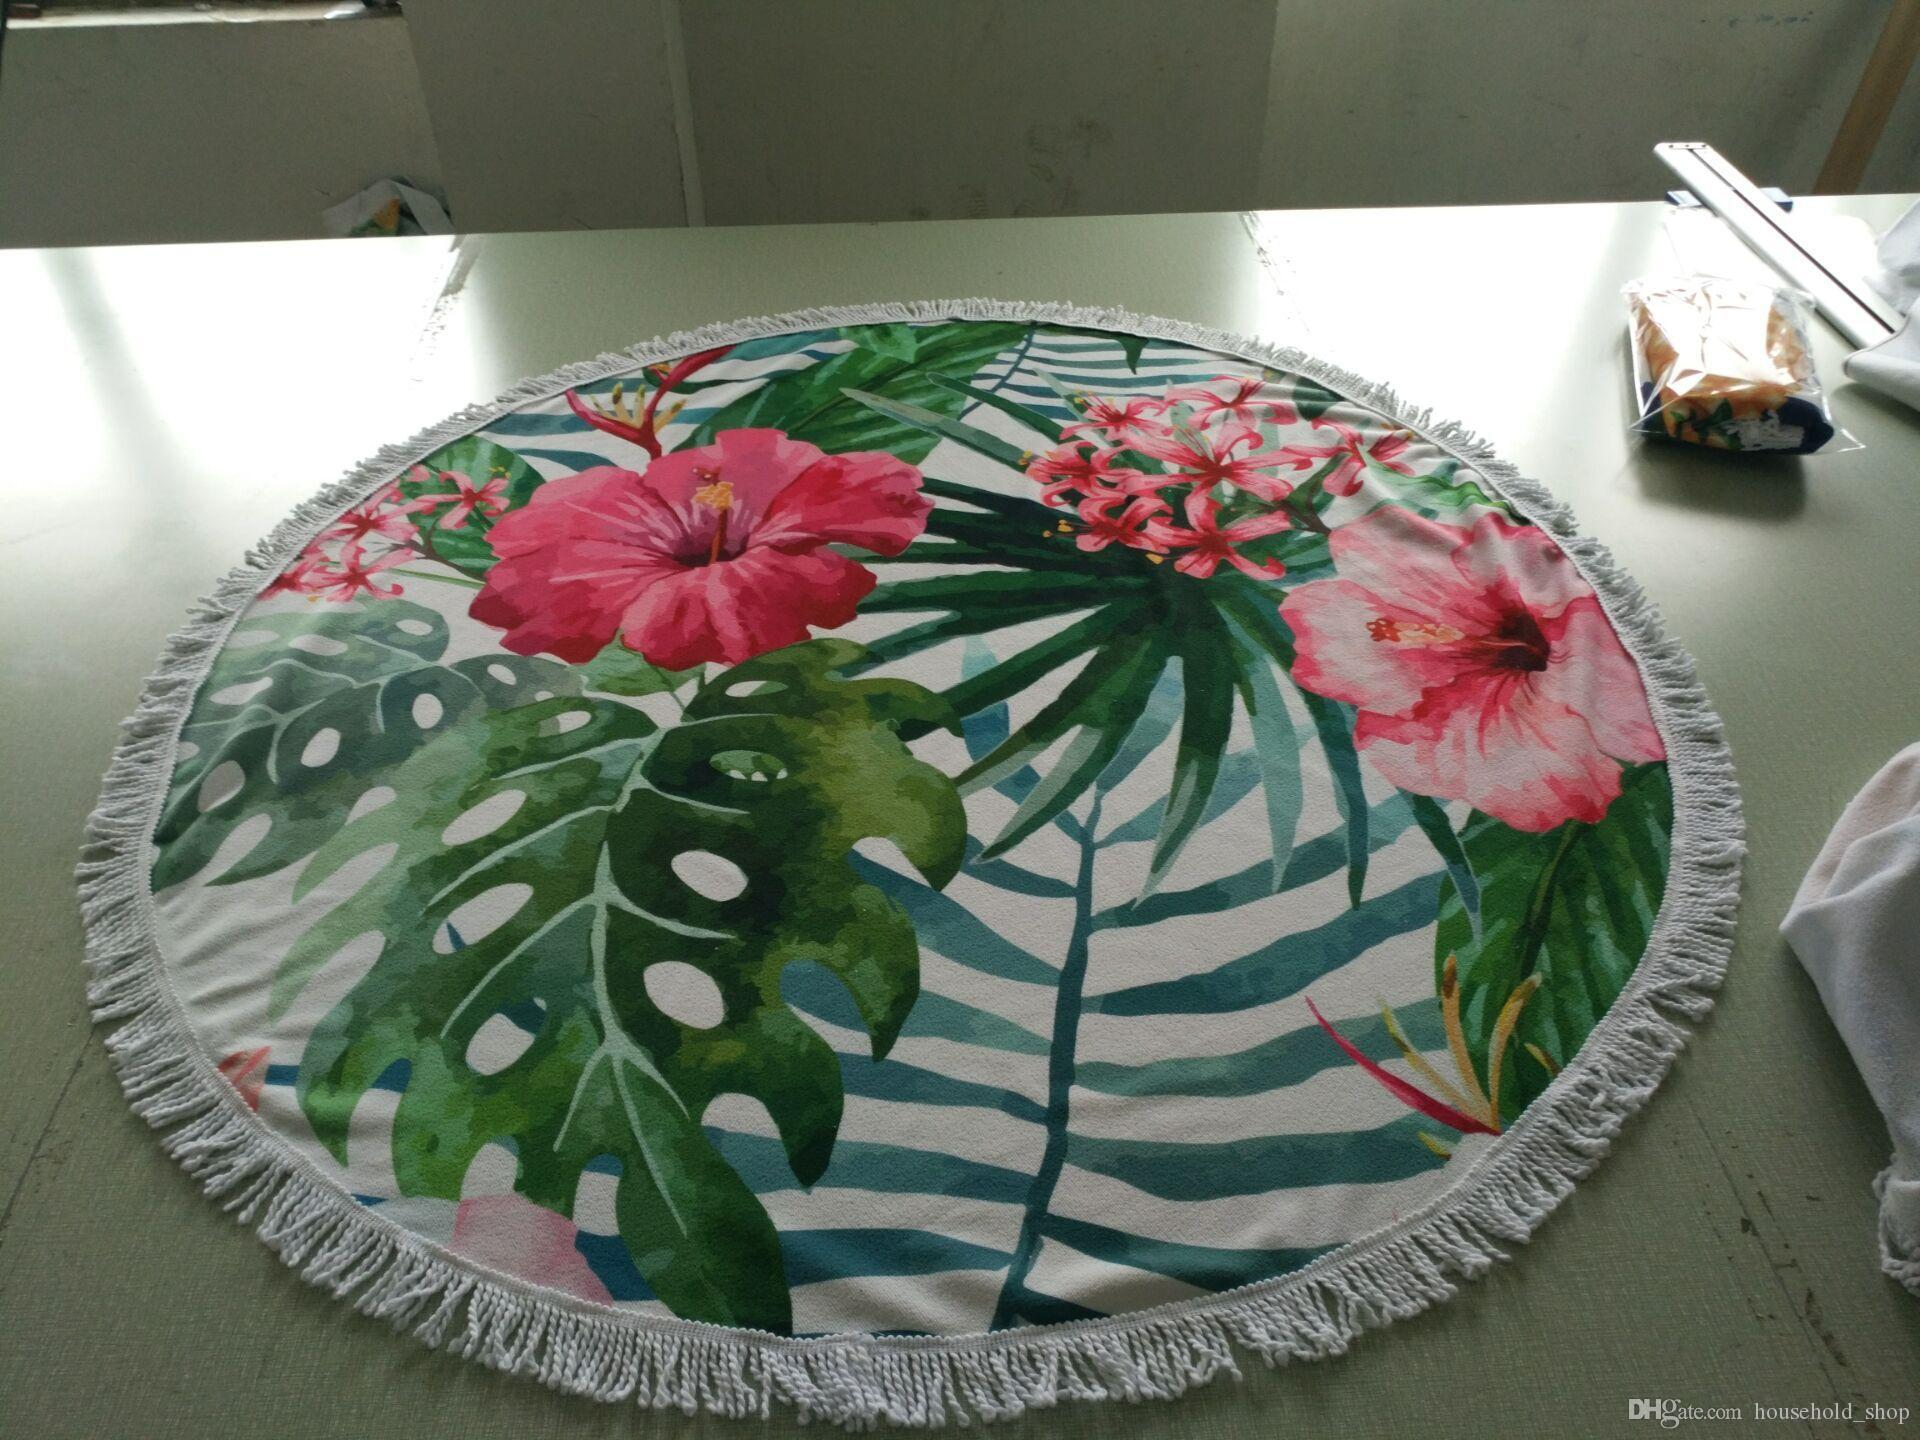 2018 vente chaude polyester ronde serviette de plage plage couverture ronde tapis de plage Tapisserie Tapis de yoga ronde avec frange glands